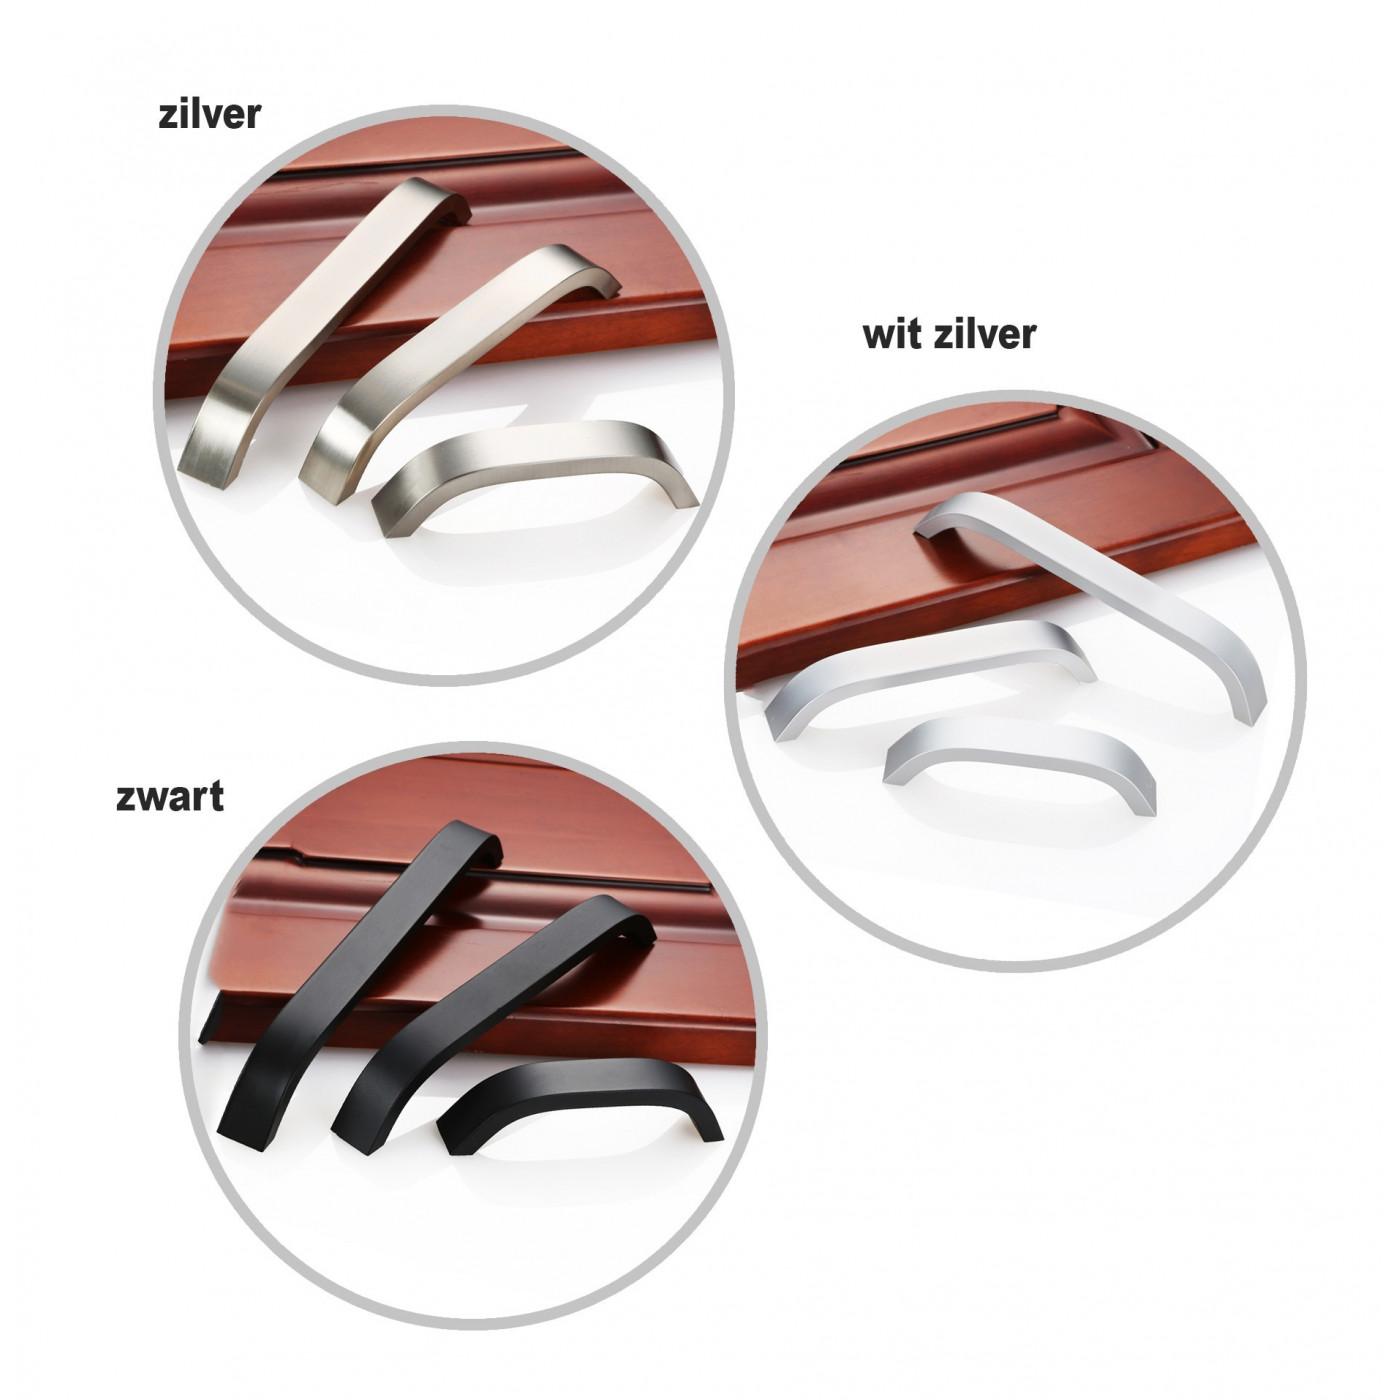 Set von 4 stabilen Metallgriffen (160 mm, Silber)  - 1